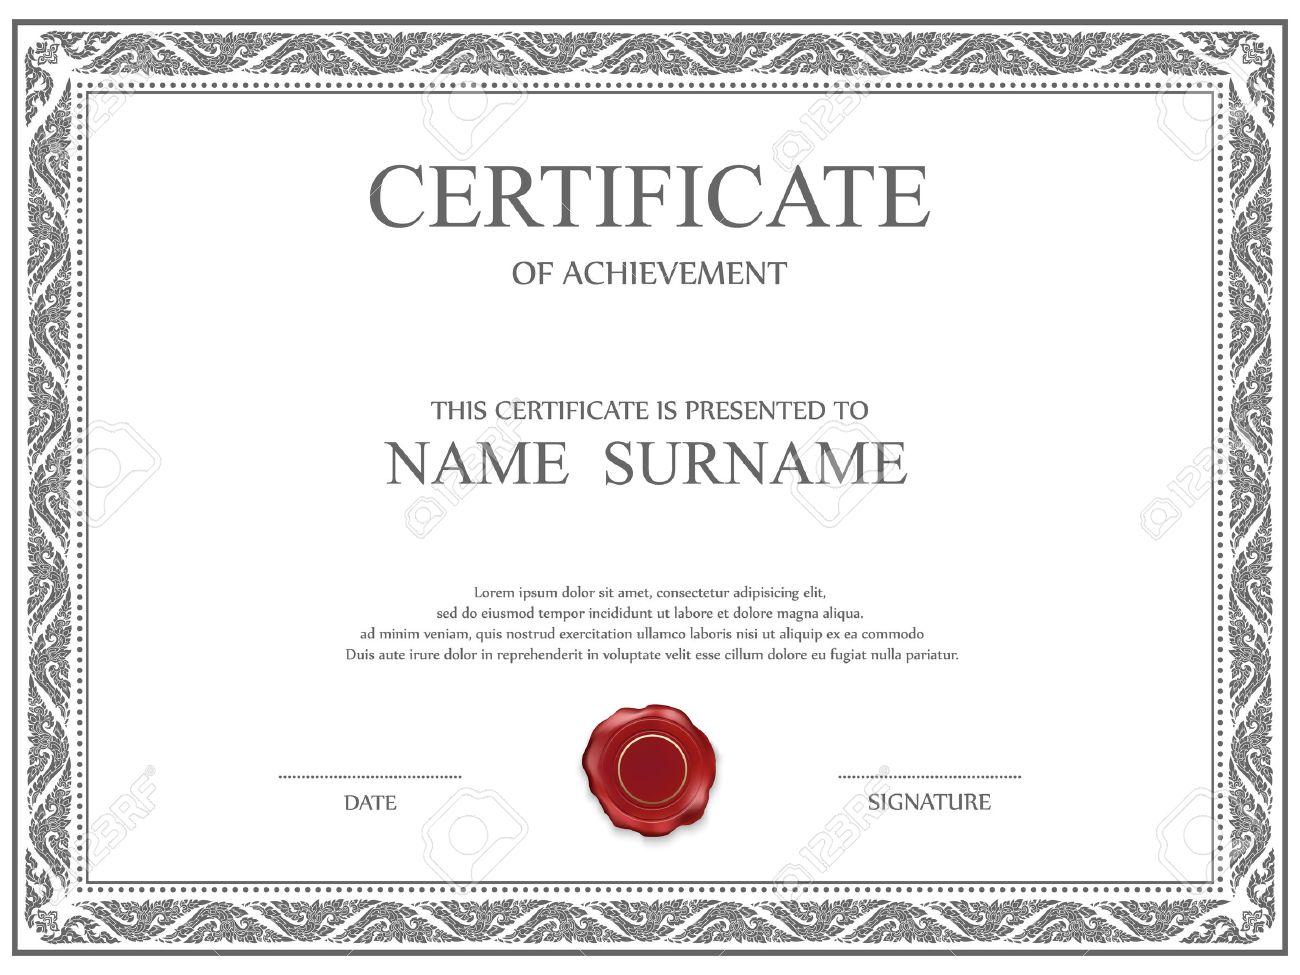 Großartig Zertifikat Kostenlose Vorlagen Bilder - Entry Level Resume ...